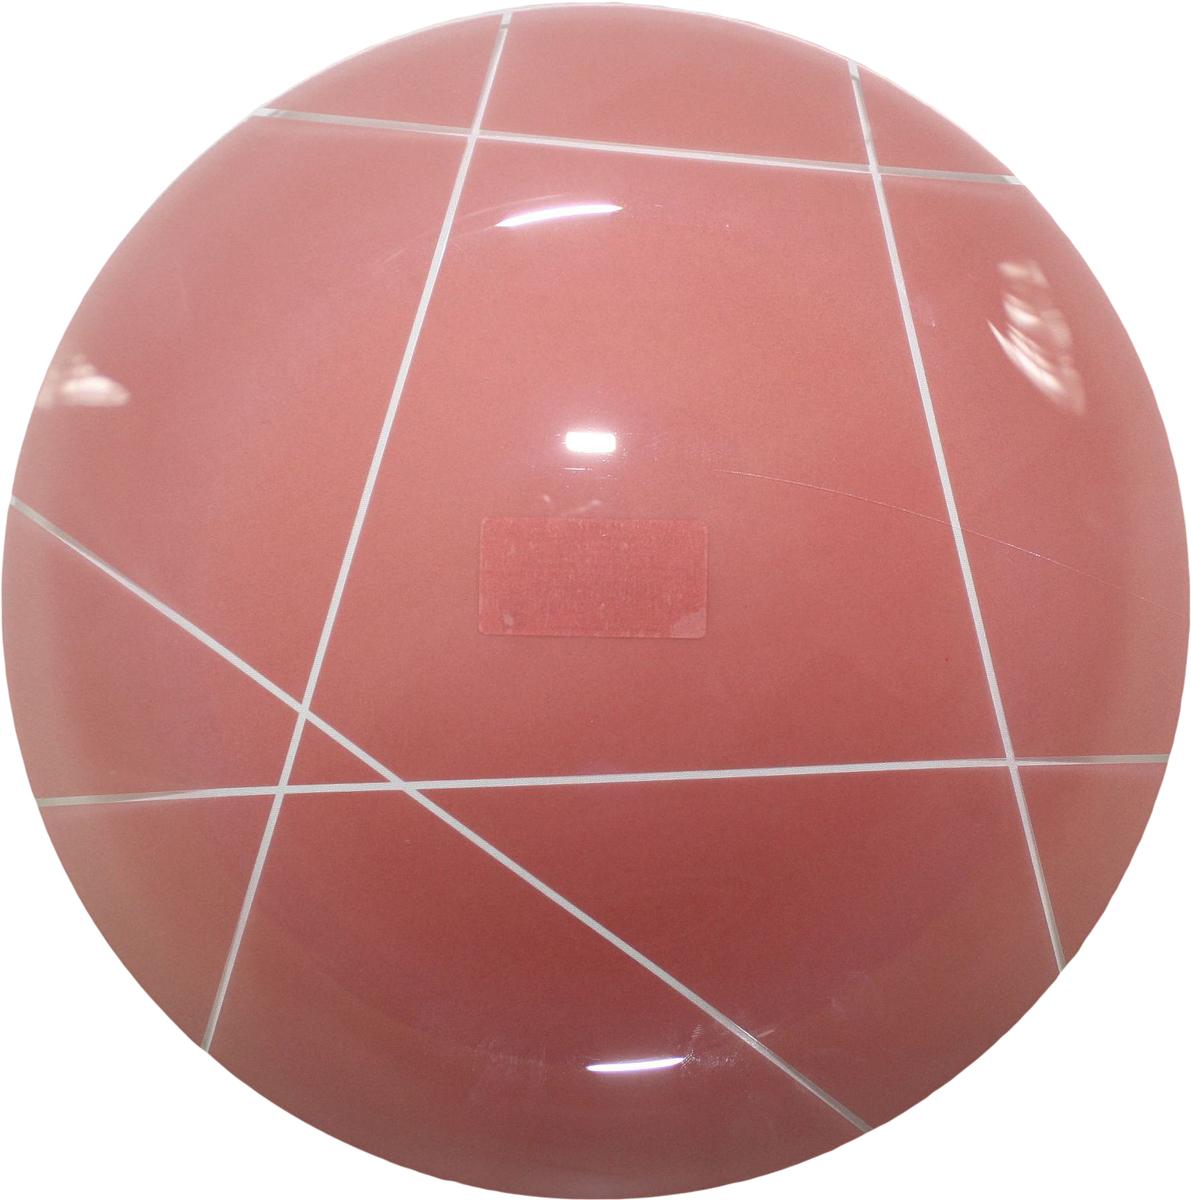 Тарелка NiNaGlass Контур, цвет: красный, диаметр 30 см85-300-002пкТарелка NiNaGlass Конус выполнена из высококачественного стекла и оформлена красивым прозрачным геометрическим принтом. Тарелка идеальна для подачи вторых блюд, а также сервировки закусок, нарезок, салатов, овощей и фруктов. Она отлично подойдет как для повседневных, так и для торжественных случаев. Такая тарелка прекрасно впишется в интерьер вашей кухни и станет достойным дополнением к кухонному инвентарю.